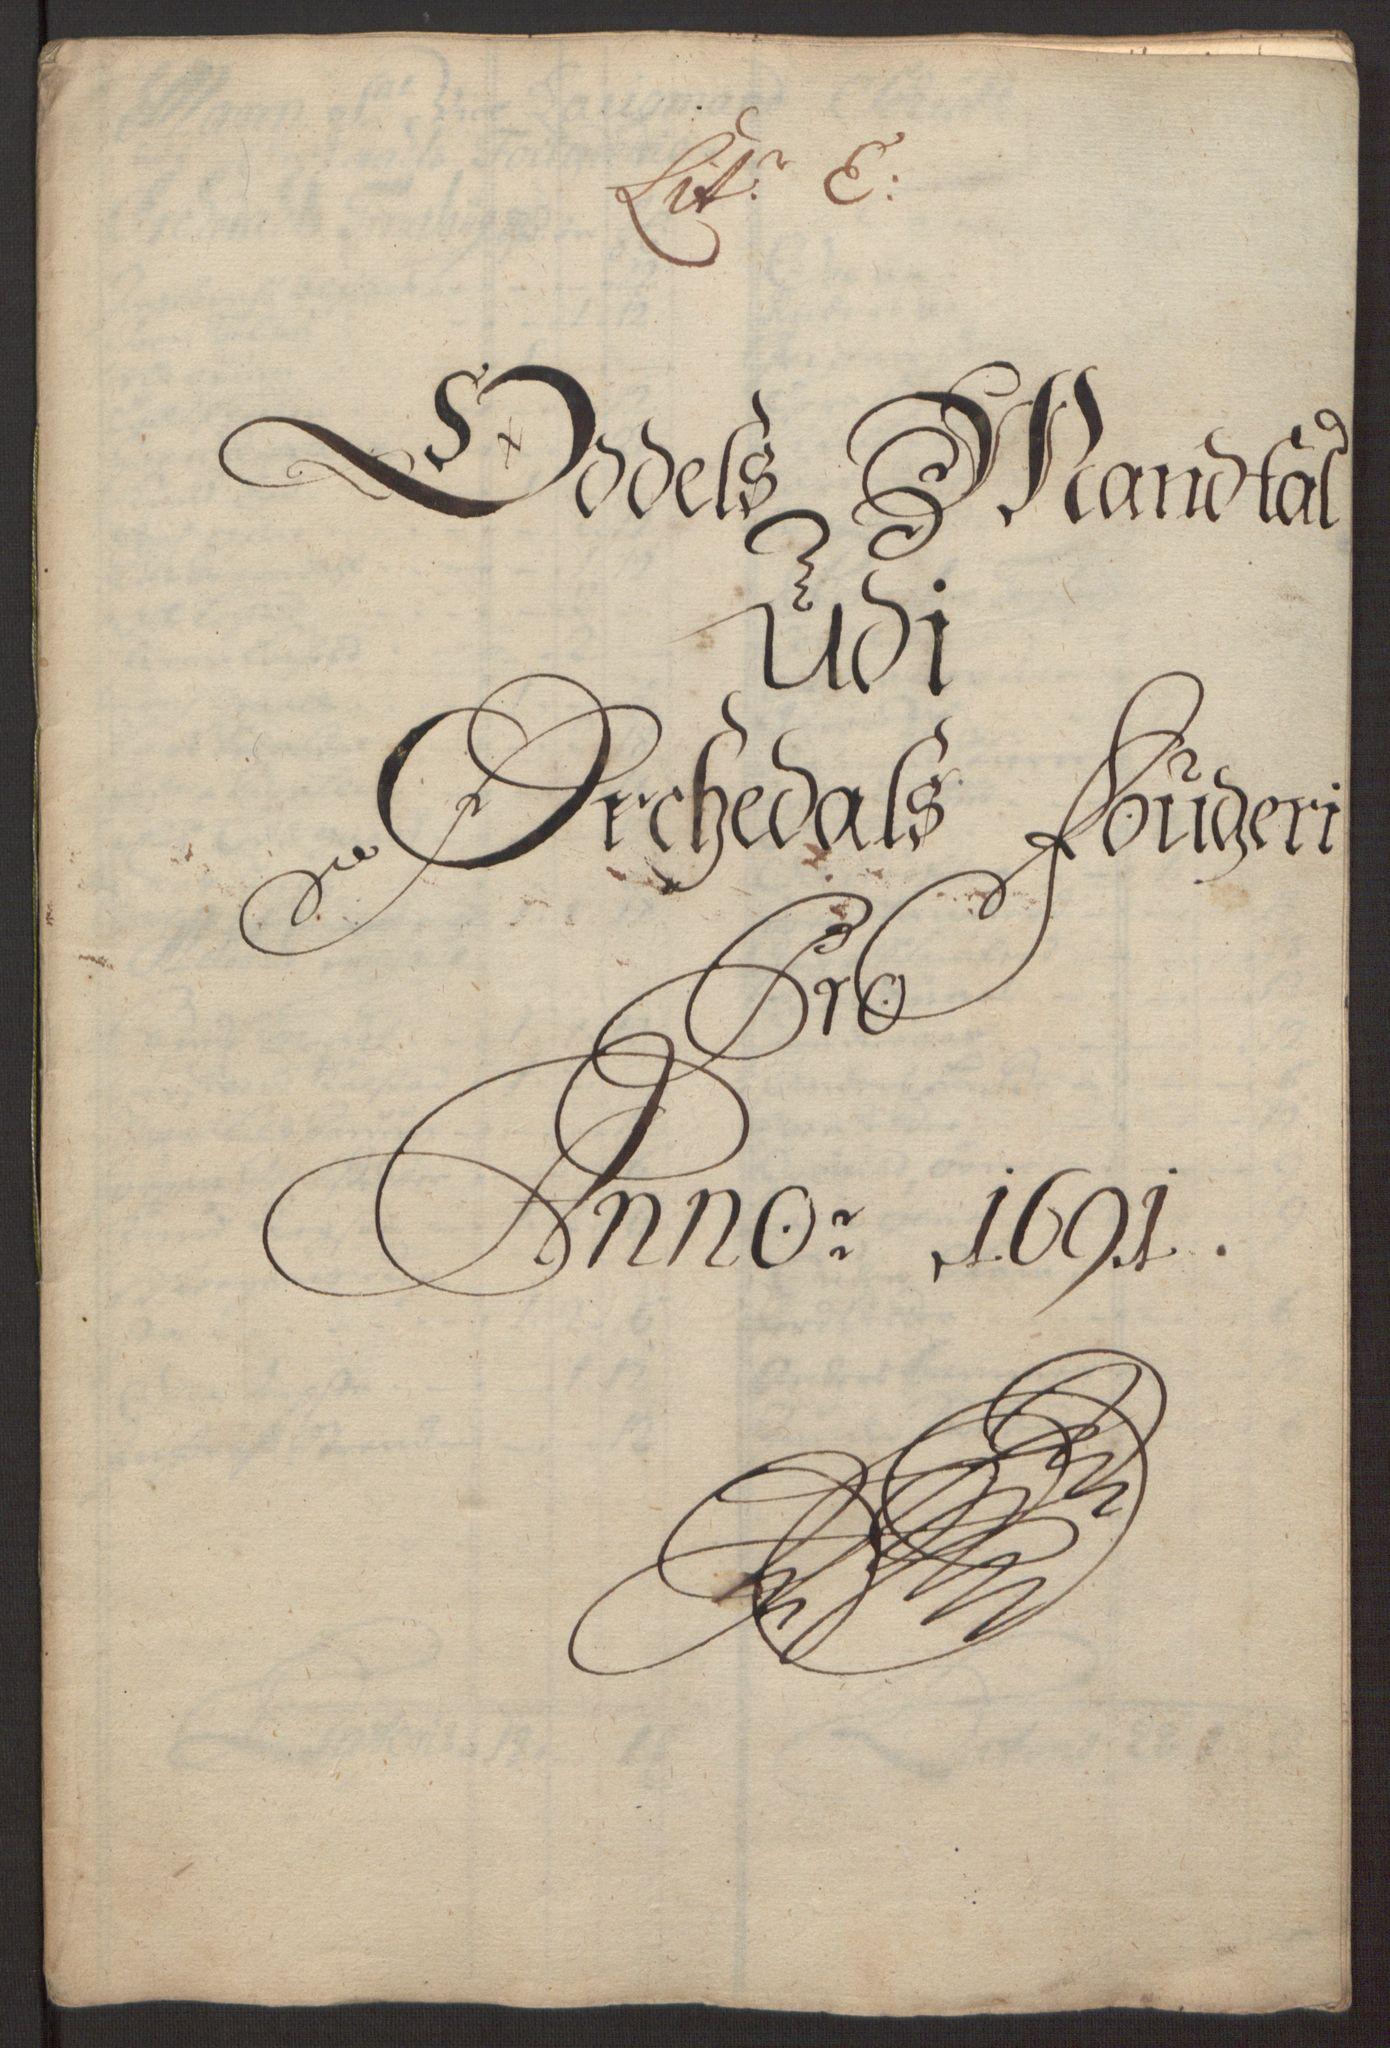 RA, Rentekammeret inntil 1814, Reviderte regnskaper, Fogderegnskap, R58/L3937: Fogderegnskap Orkdal, 1691-1692, s. 50